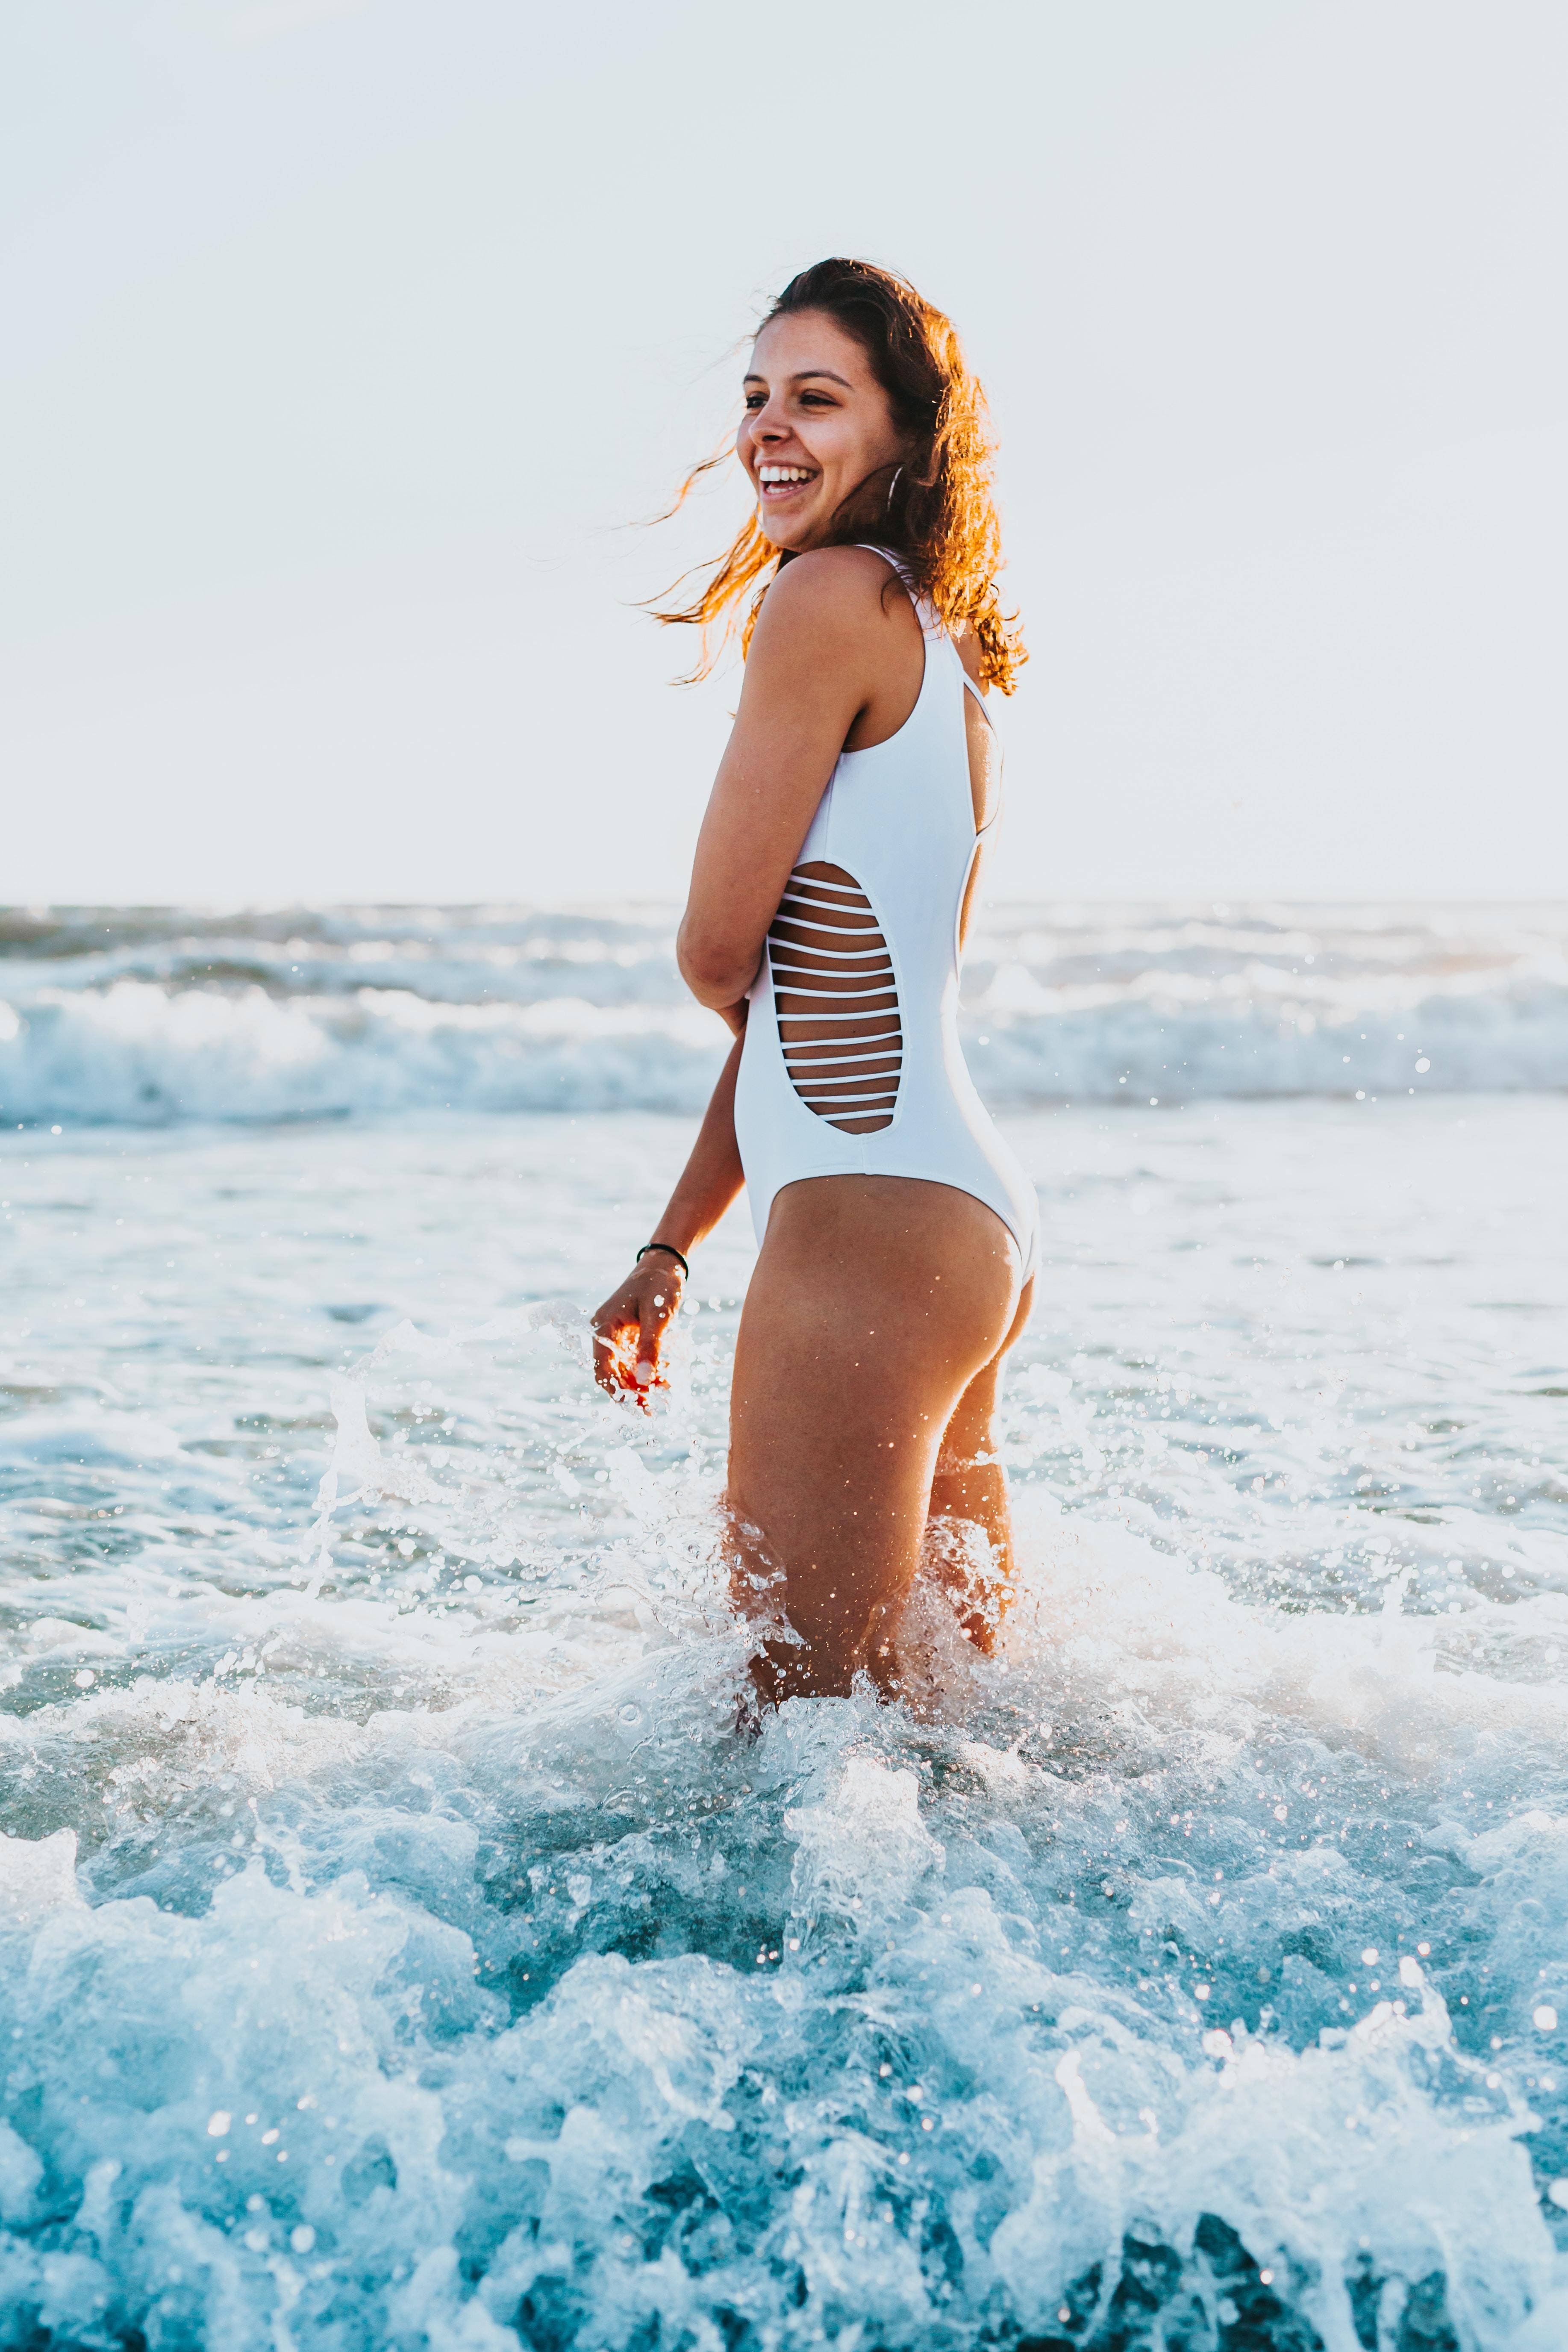 woman wearing monokini standing in the water